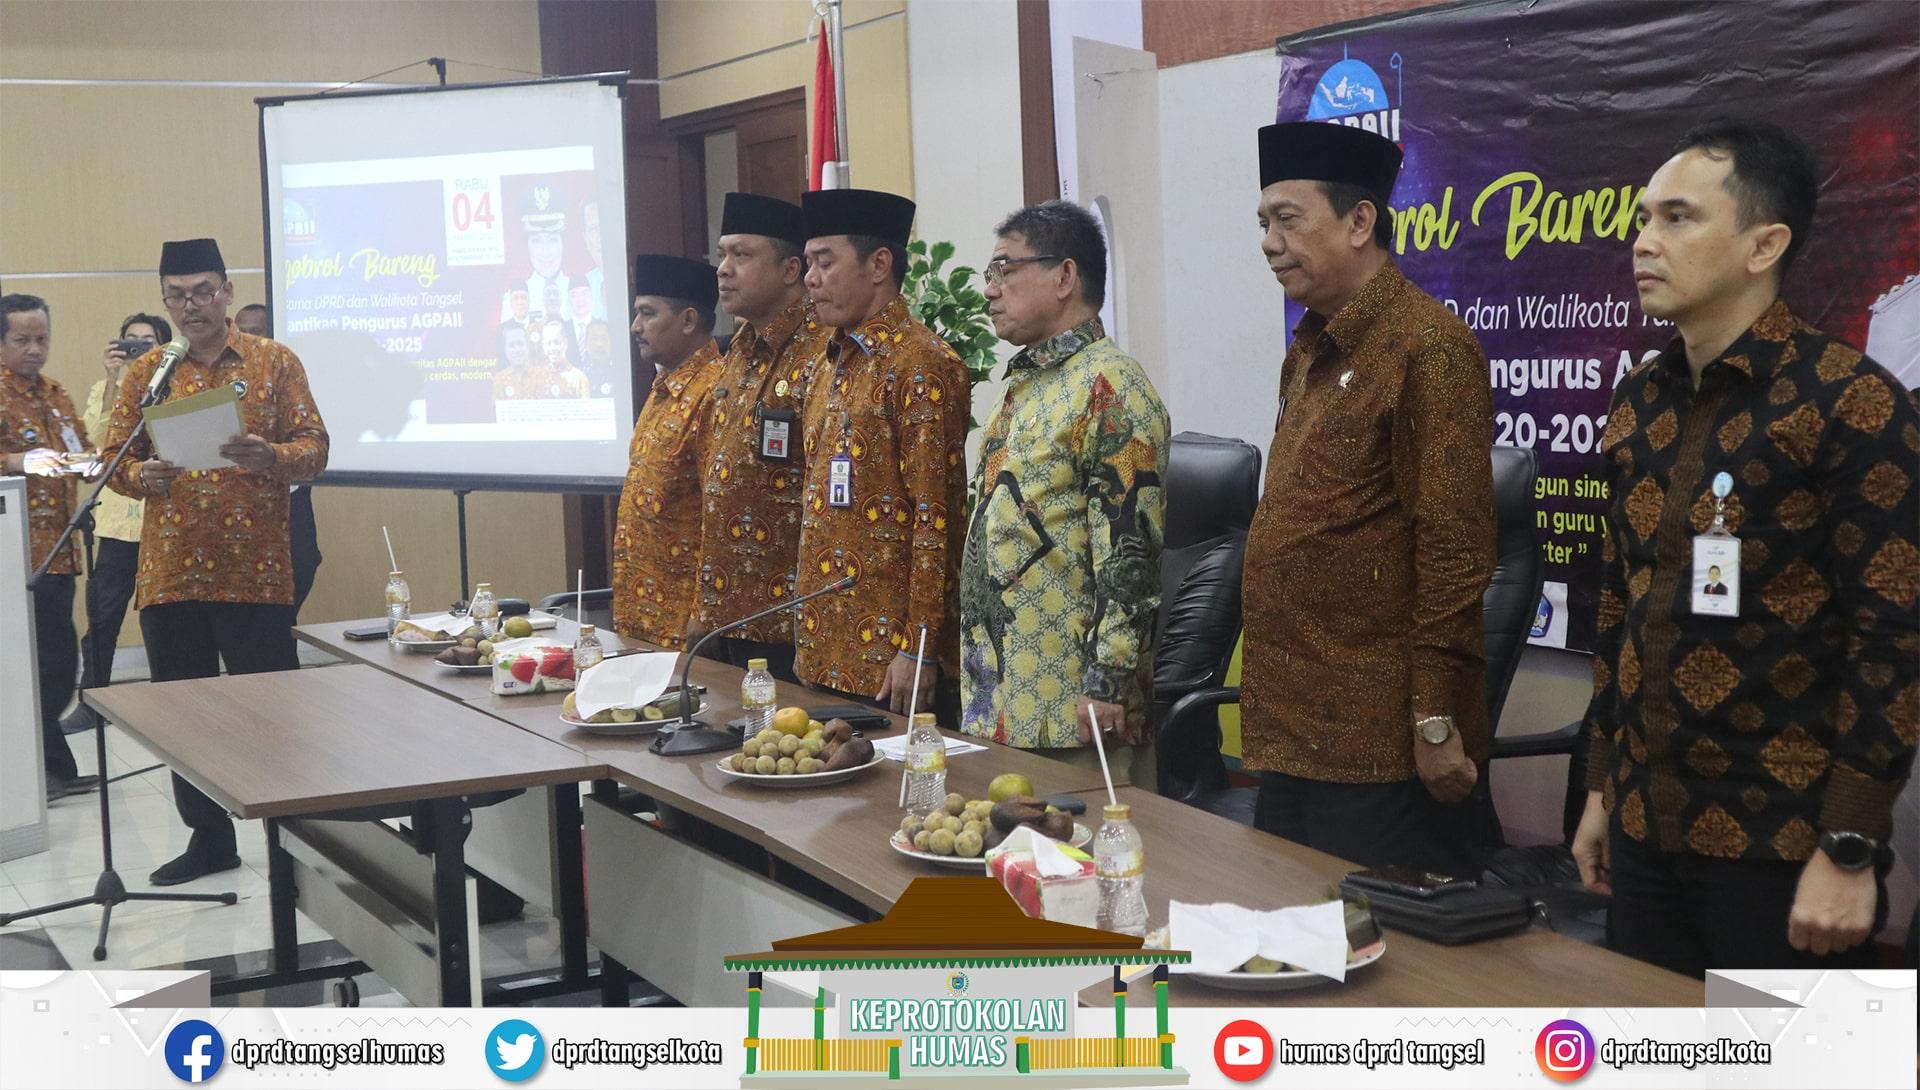 Sukarya & Mathoda menghadiri Pelantikan AGPAII Masa Bakti 2020-2025